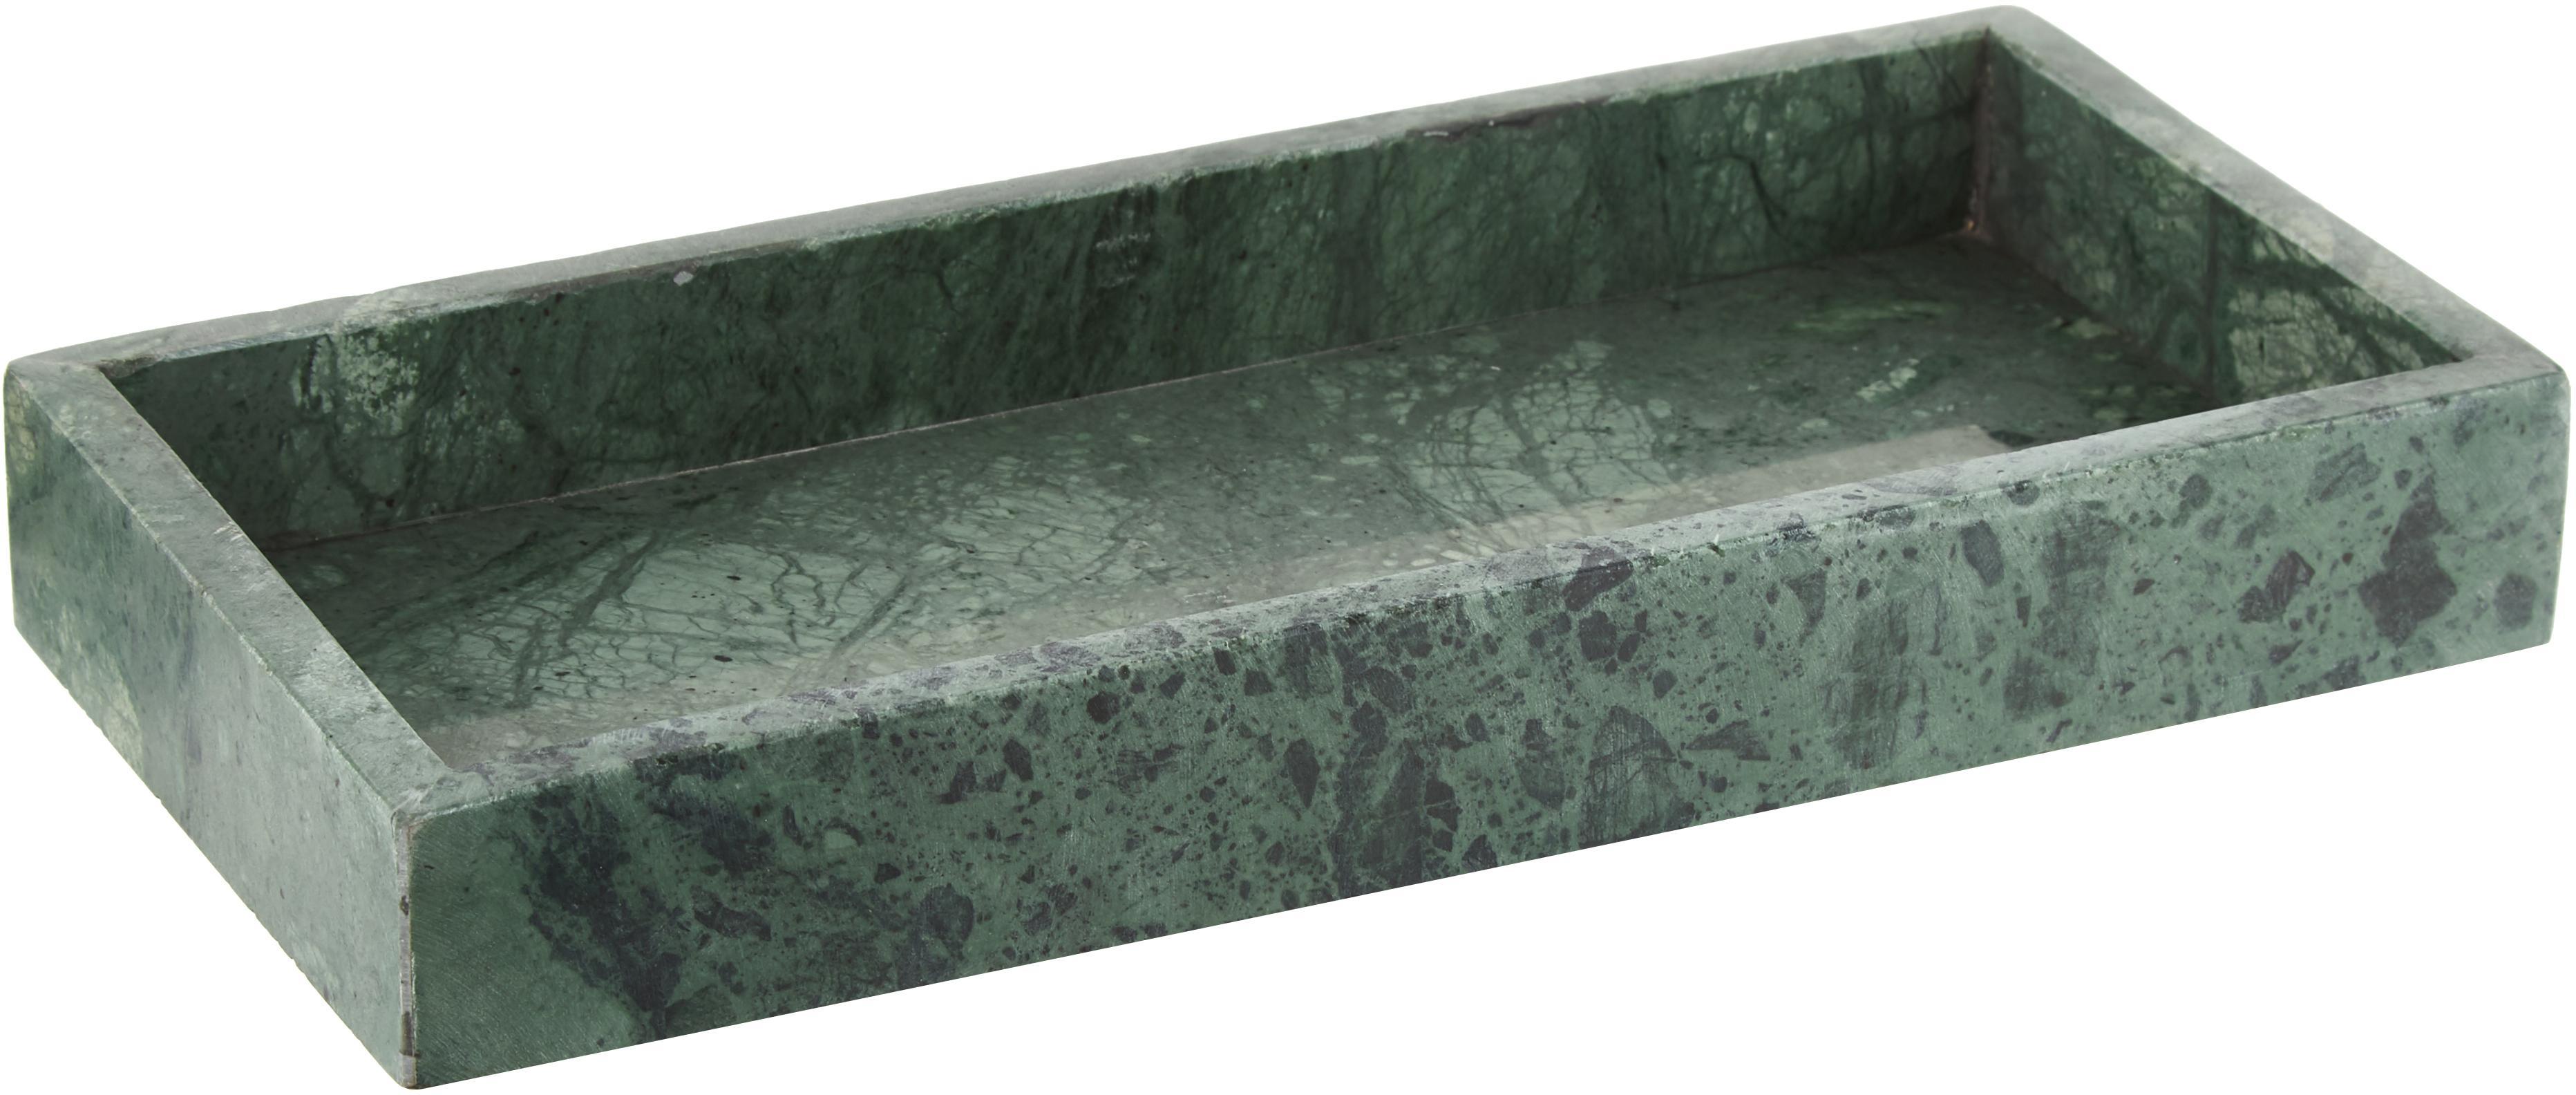 Taca dekoracyjna z marmuru Mera, Marmur, Zielony, marmurowy, S 30 x G 15 cm